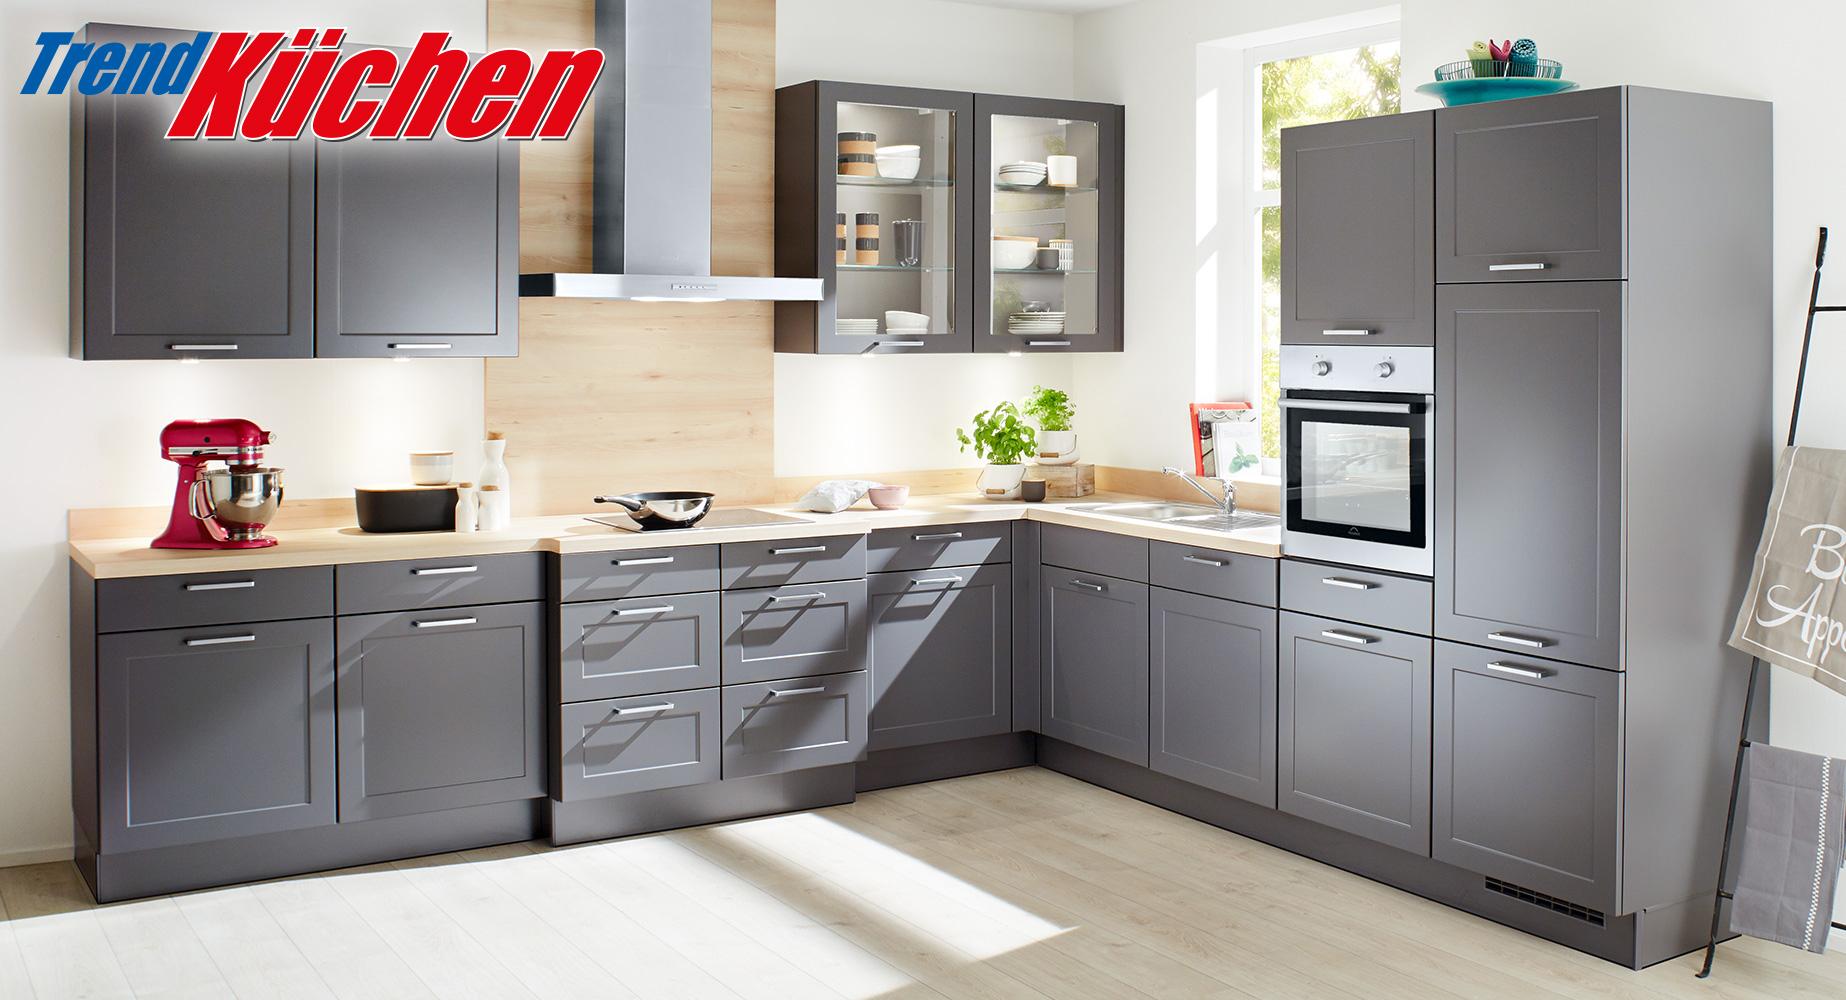 Faszinierend Küchen Brilon Foto Von Placeholder; Placeholder; Placeholder; Placeholder